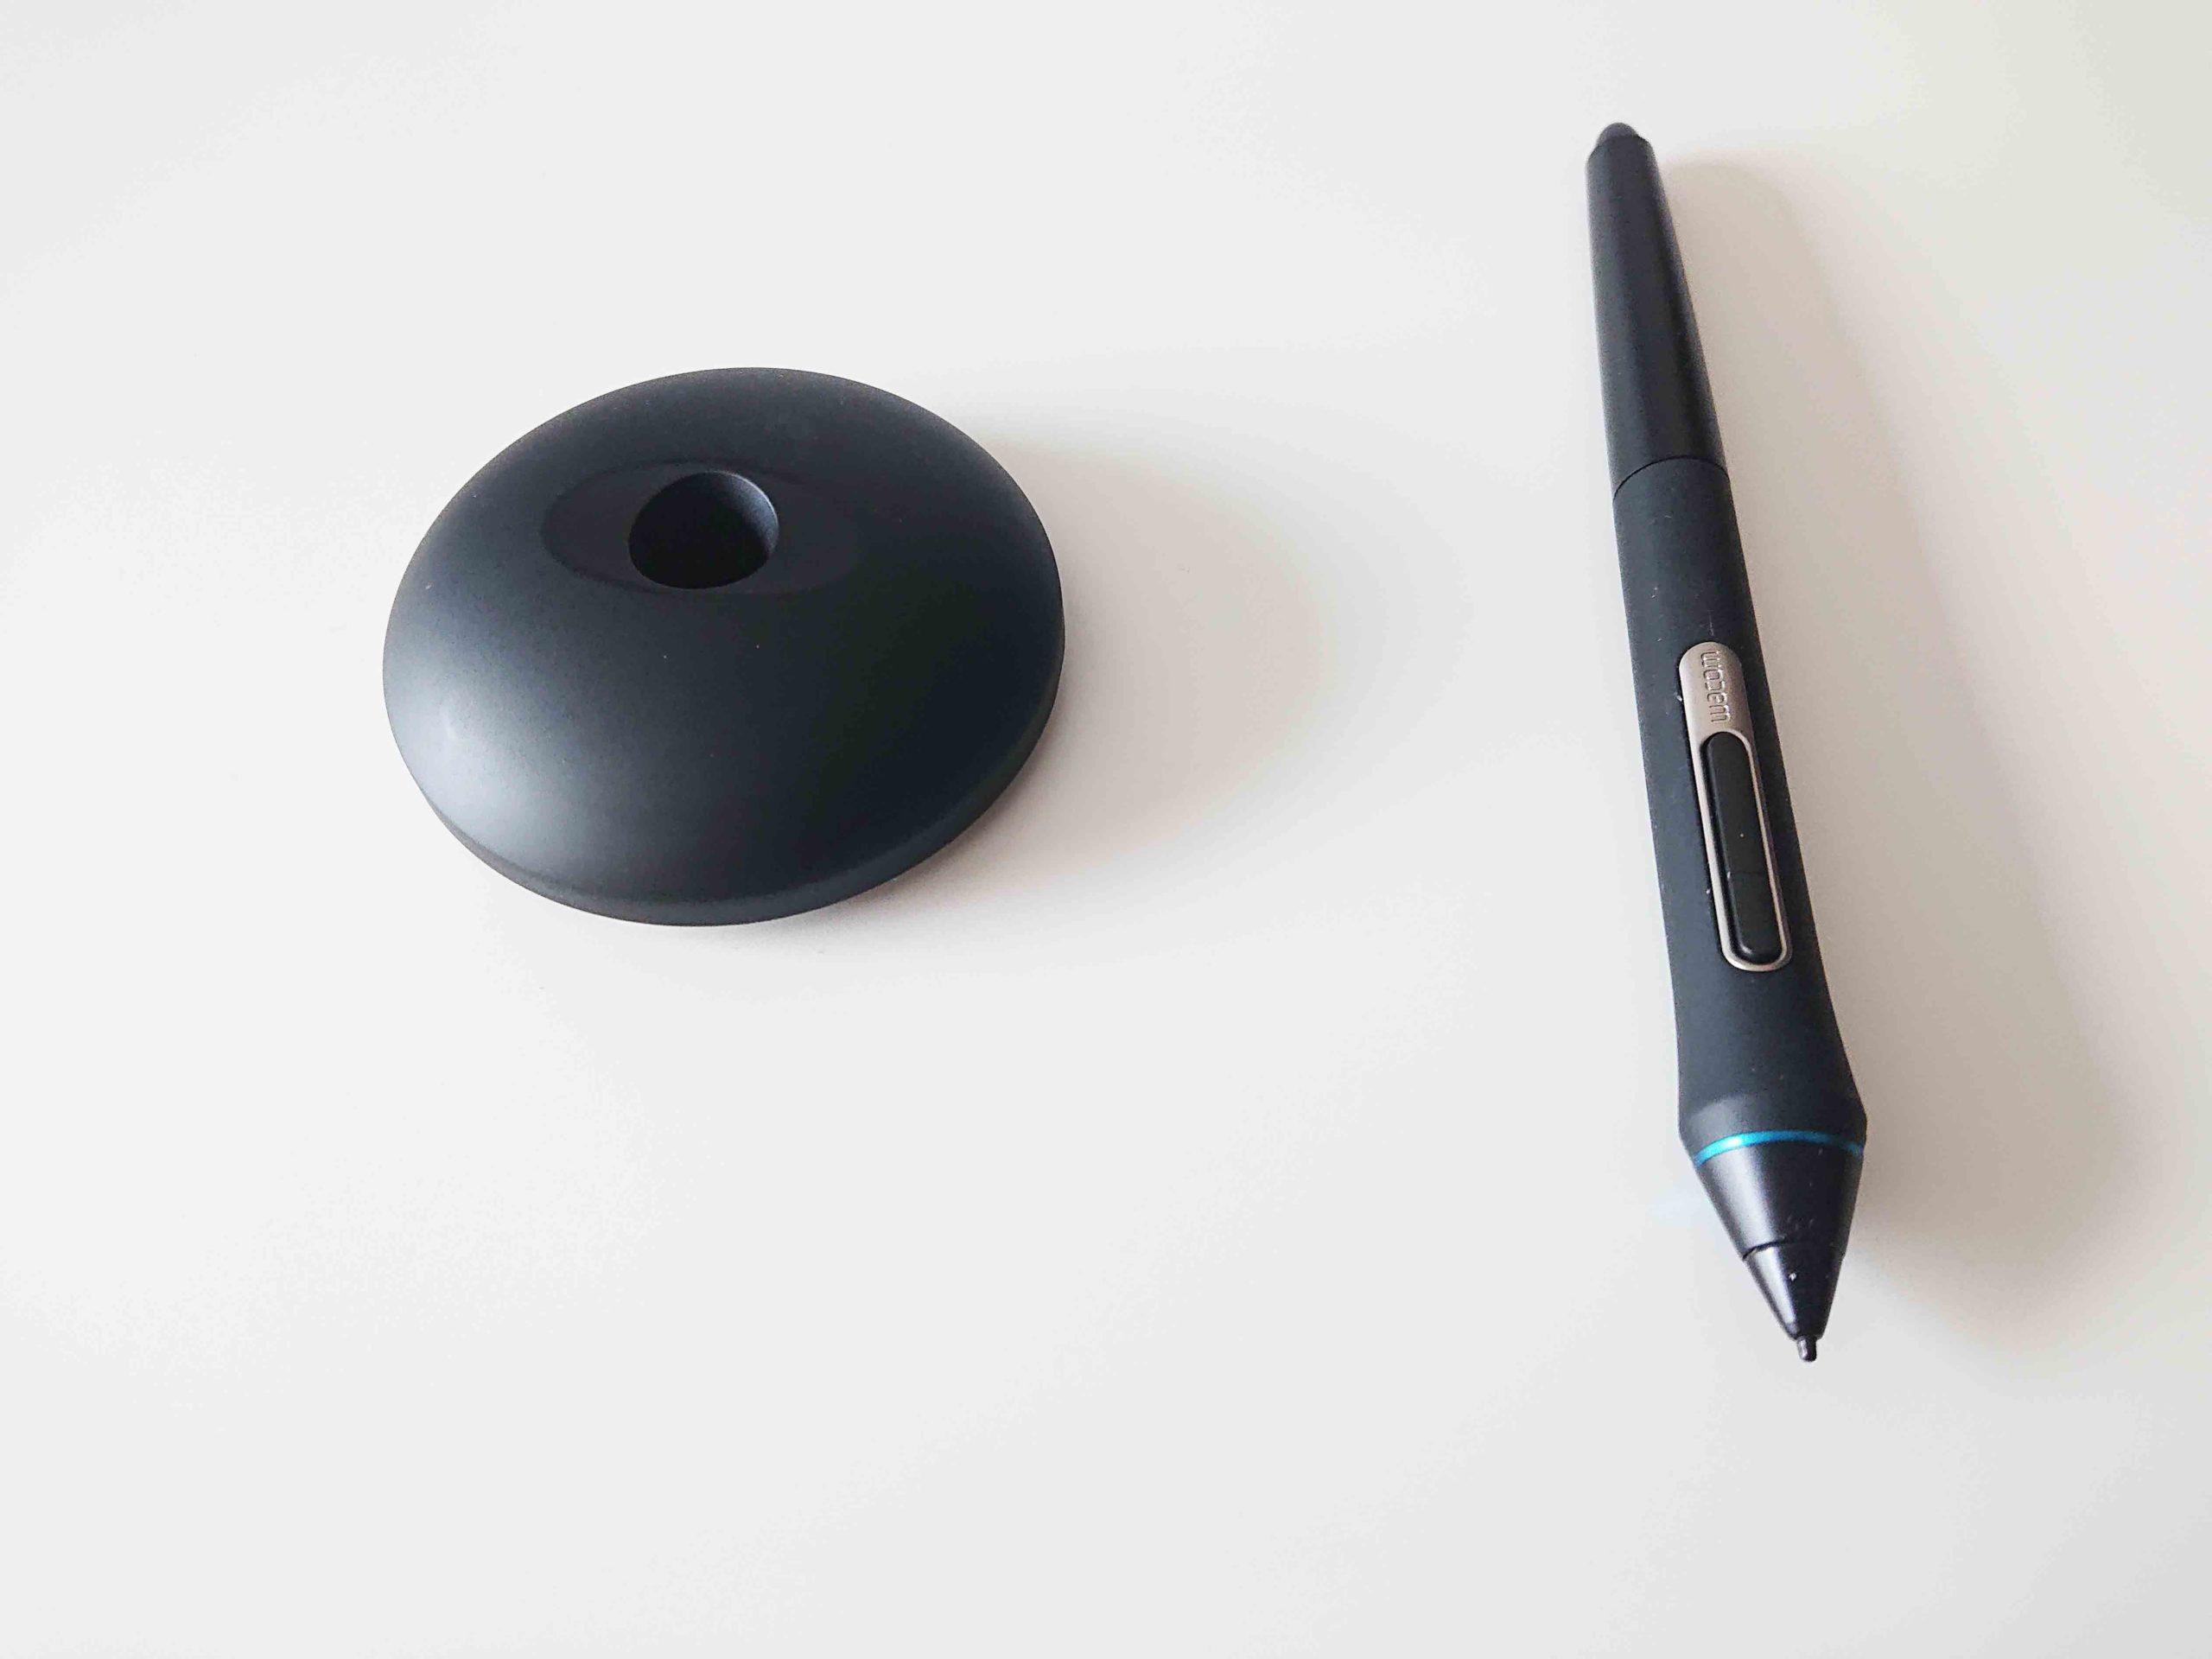 Wacom Pro Pen2